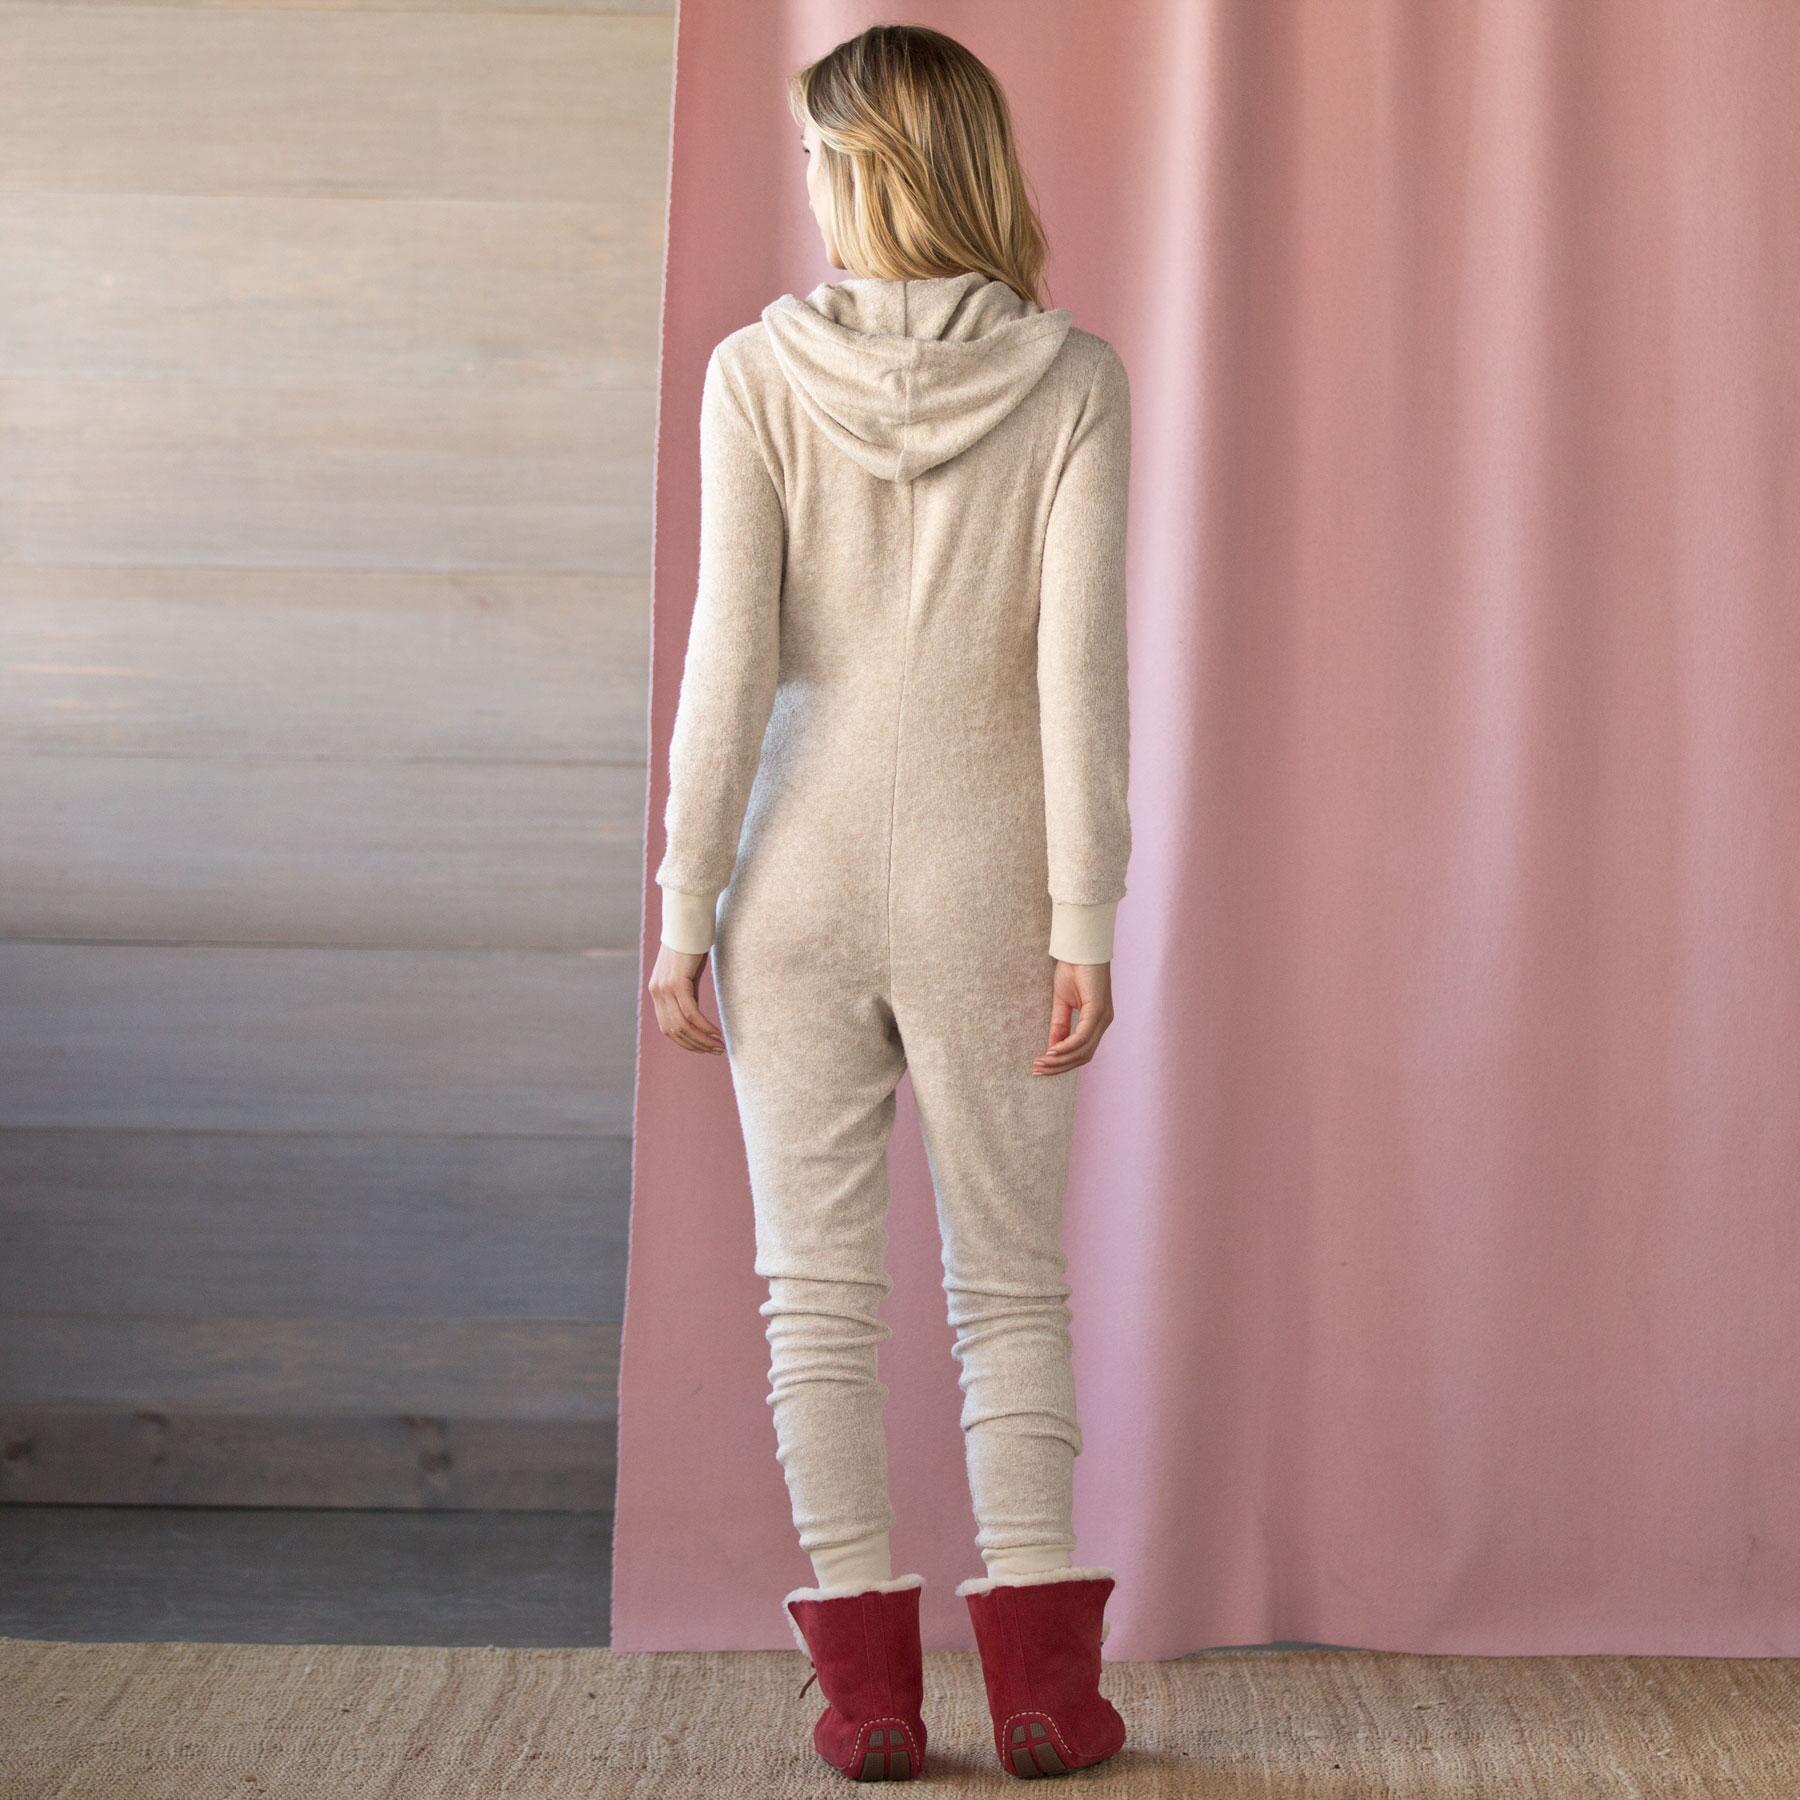 Lofty Dreams Pajamas: View 2